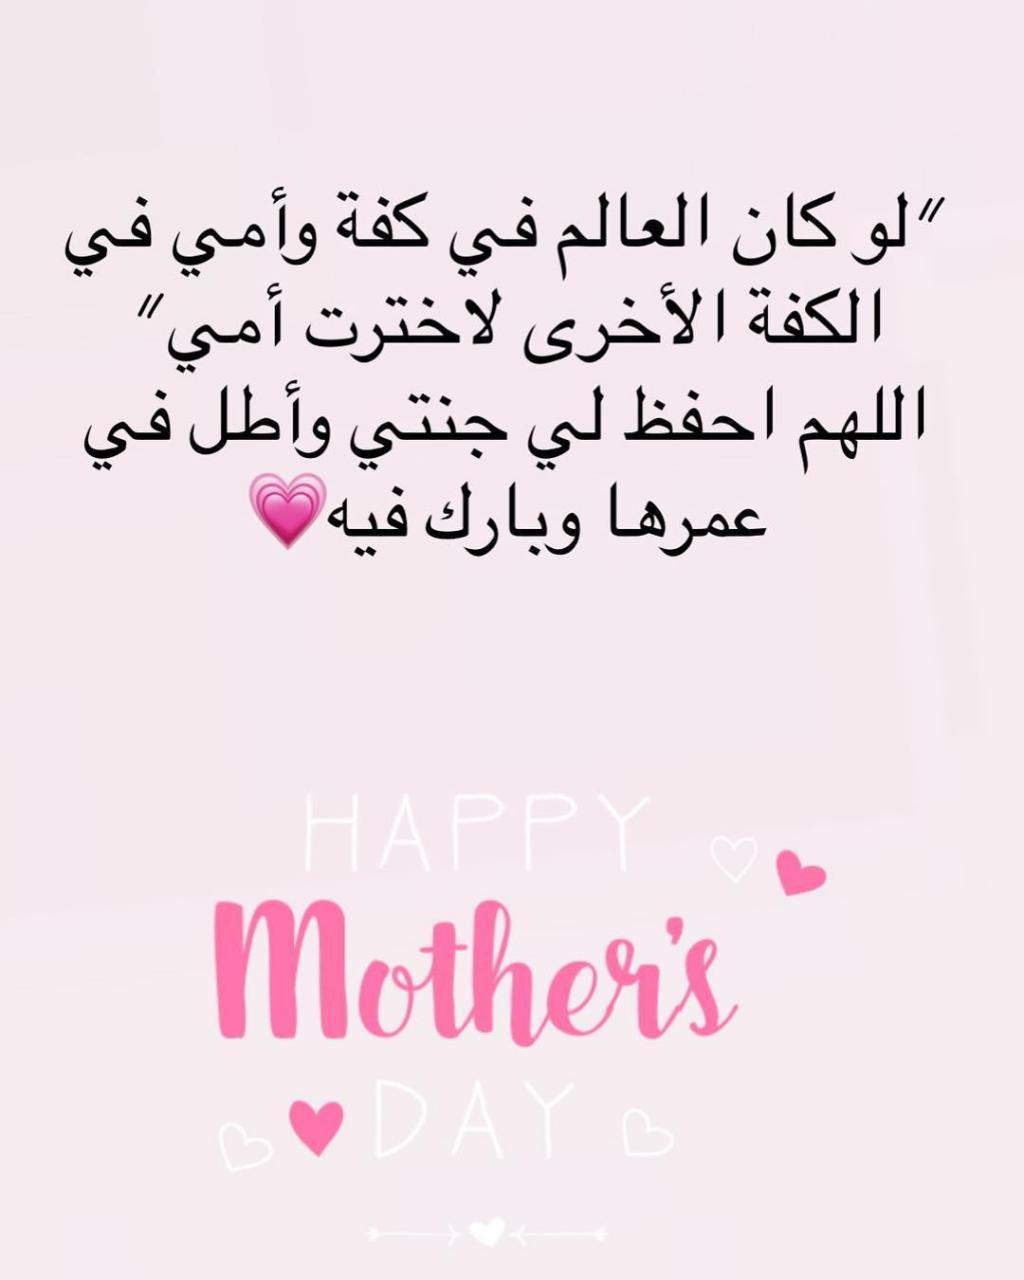 صور قصيدة عن الام مكتوبة , اجمل قصيدة عن الام